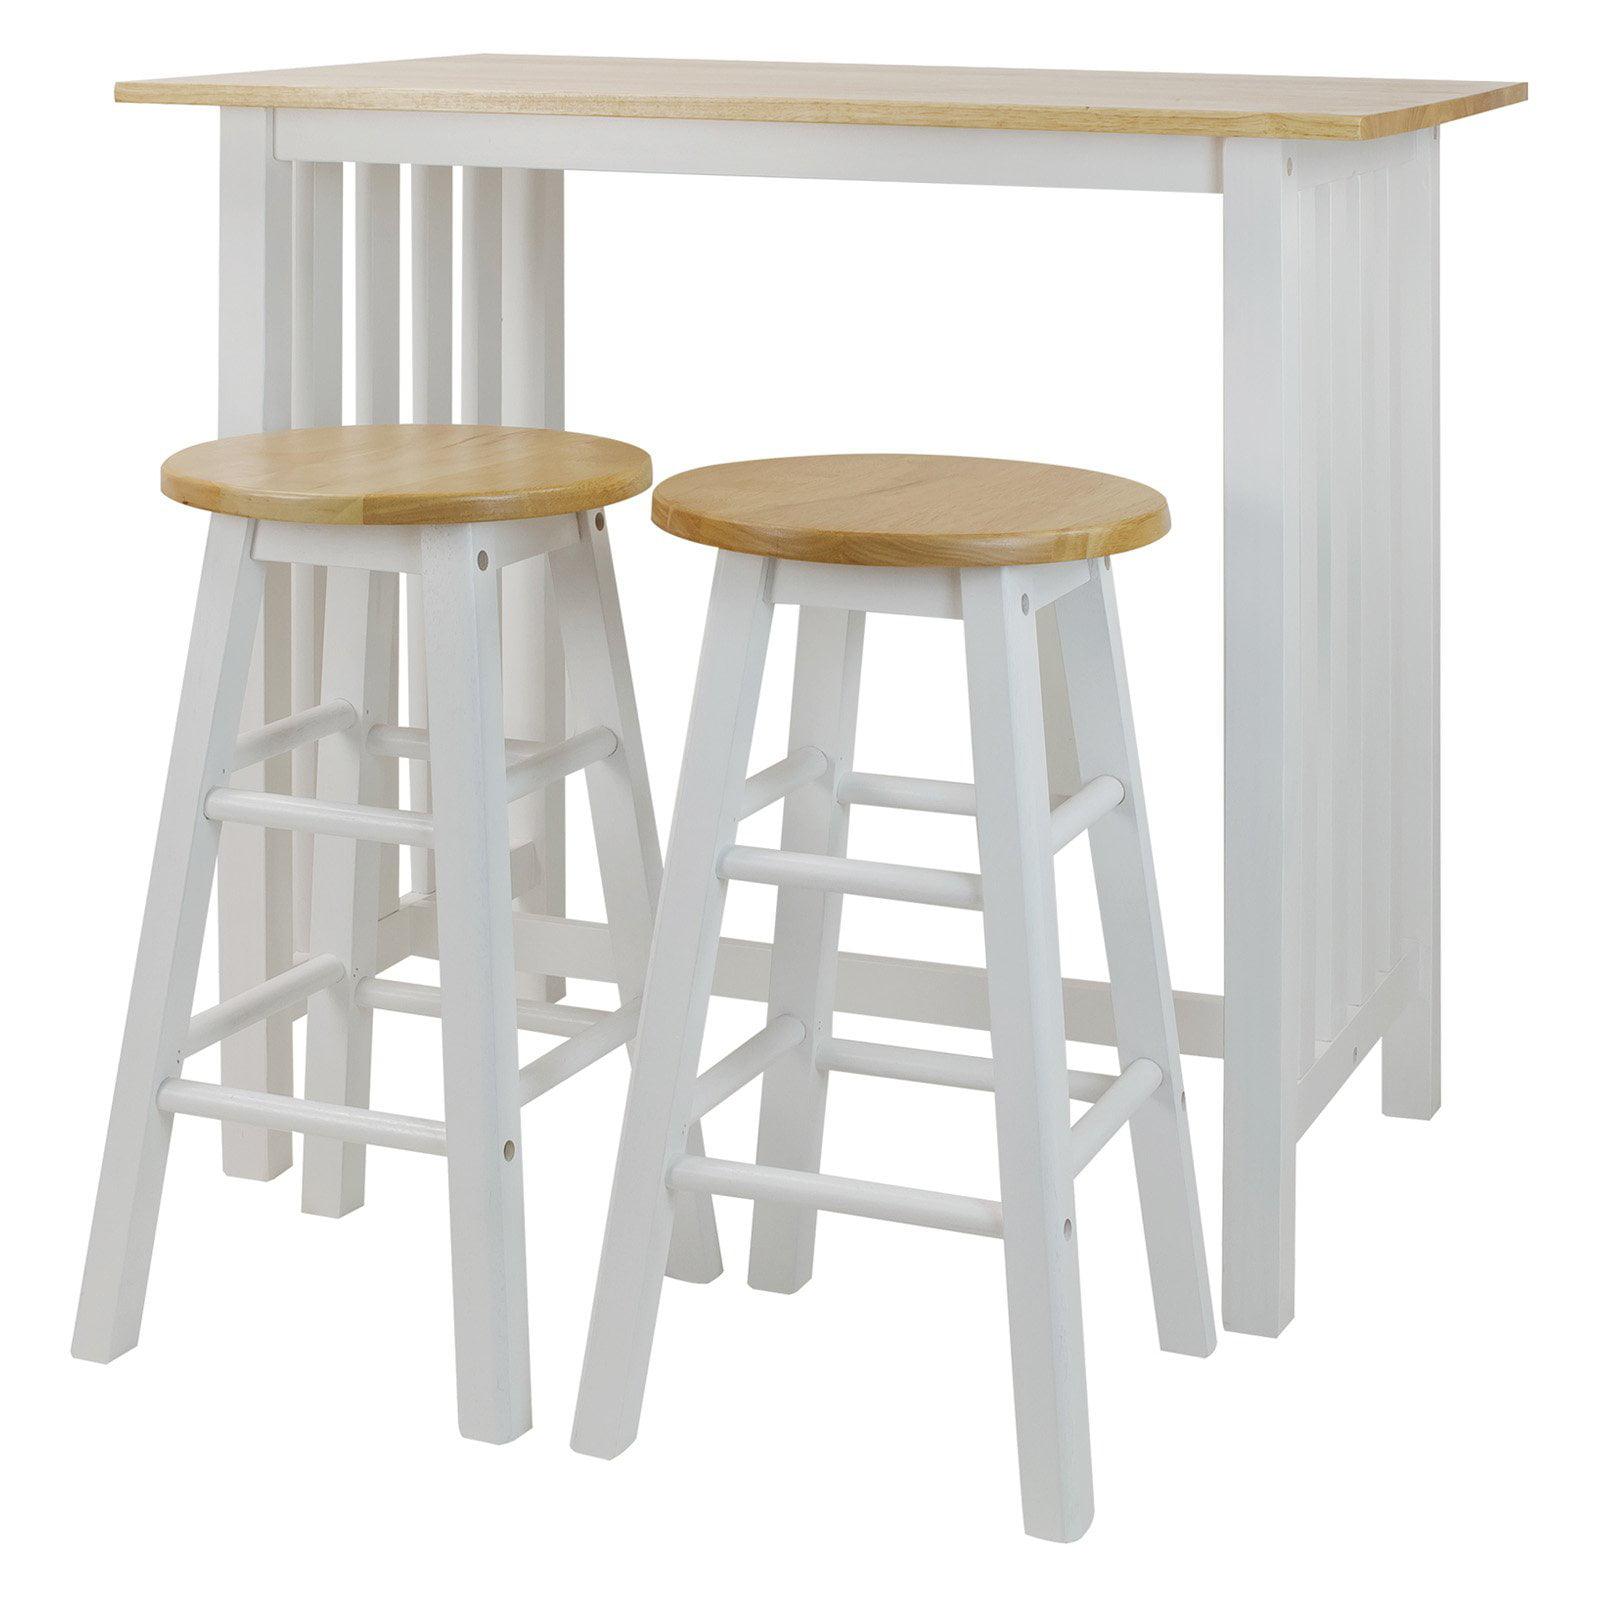 White Wooden Kitchen Tall Table Stools Set Farm Style